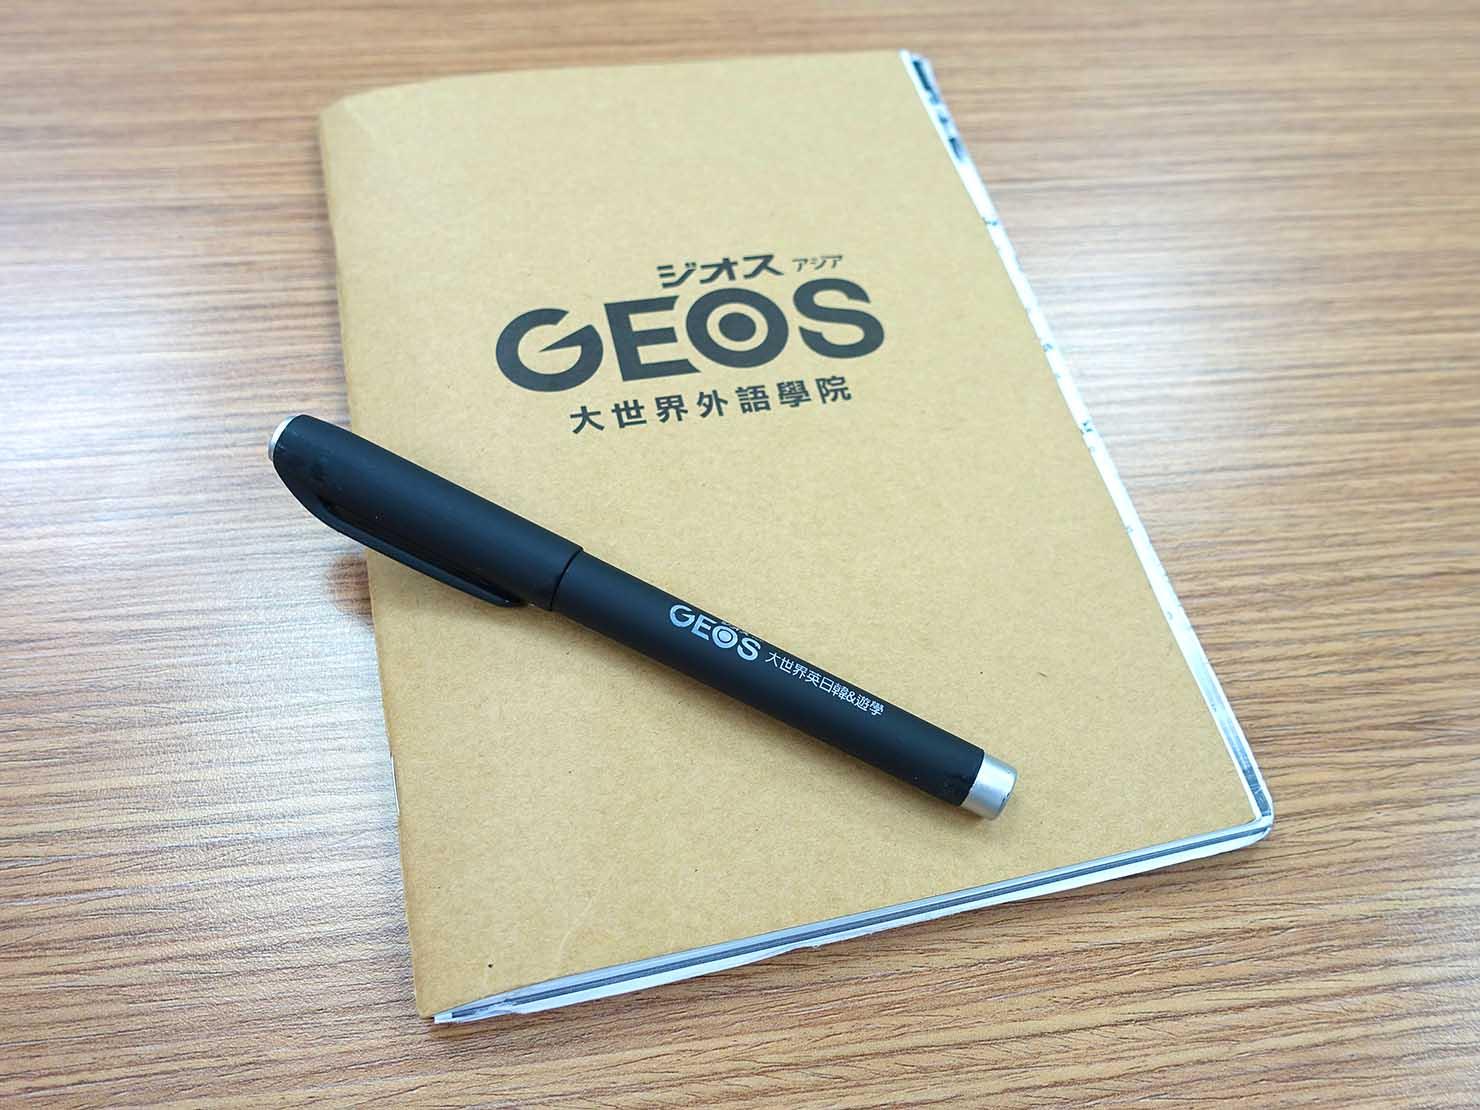 「ジオス台湾(GEOS)」のノート